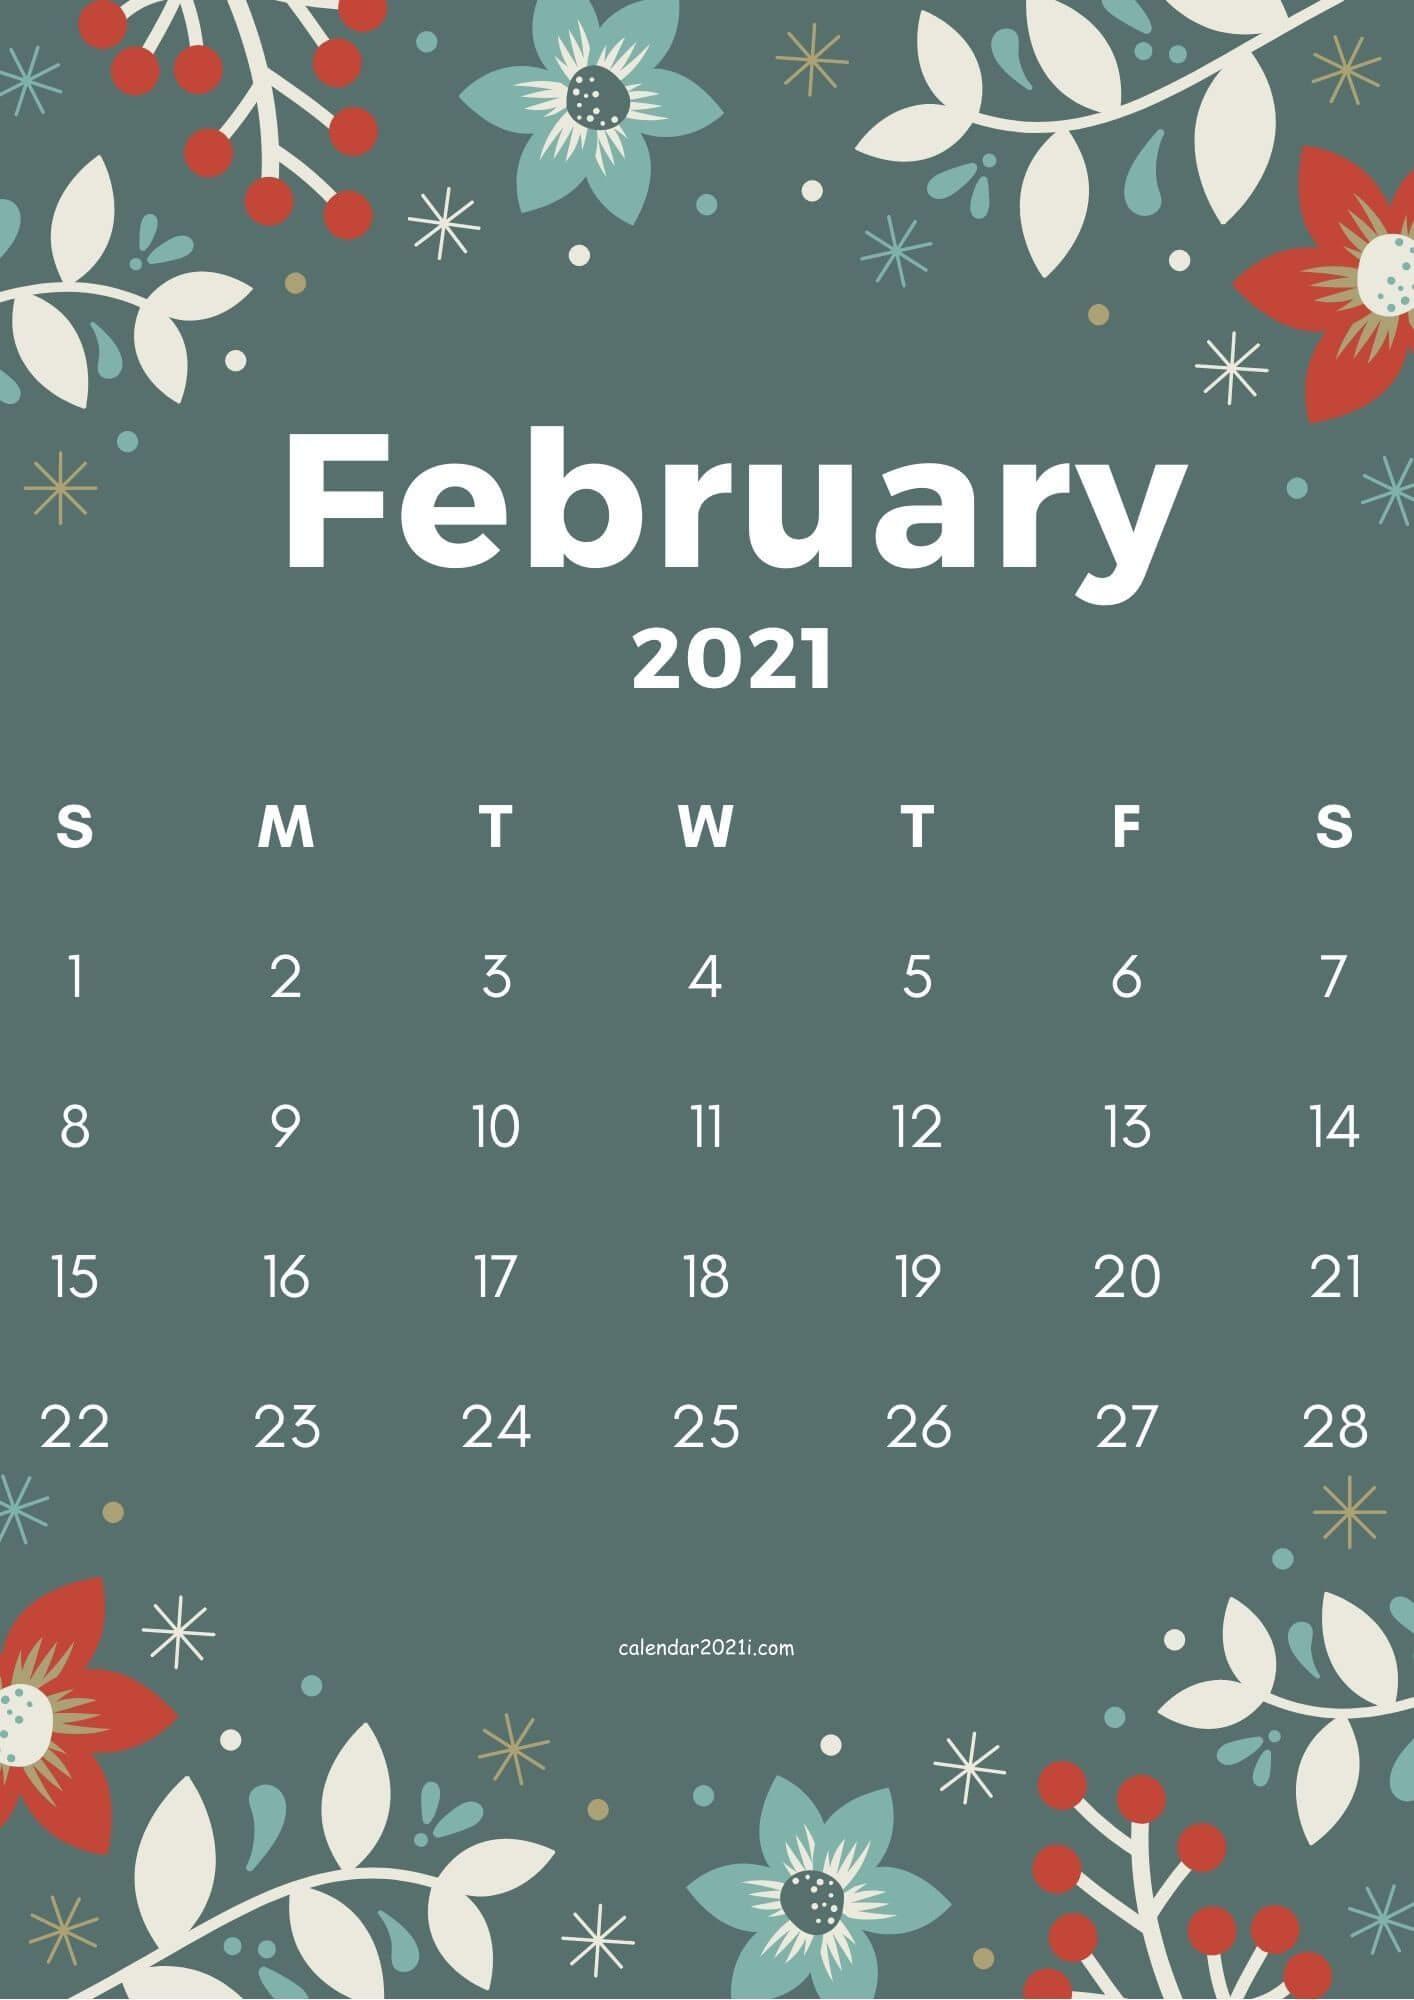 February 2021 Flower Calendar Wallpaper